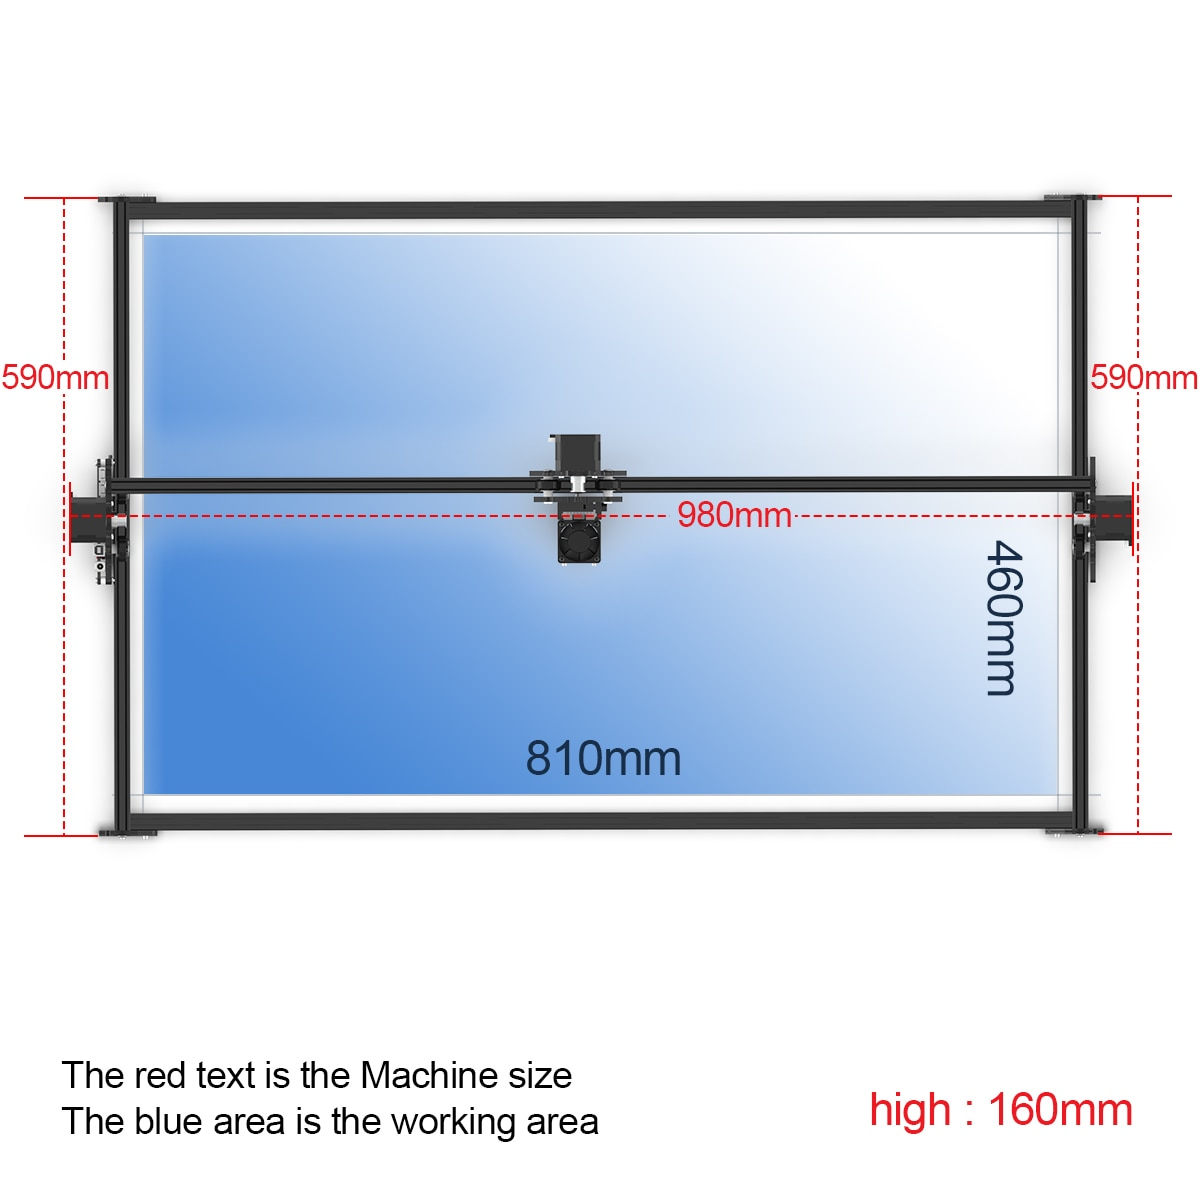 NEJE Master 2S Max 460x810mm CNC Desktop Laser Engraver Wood CNC Router Engraving Cutting Cutter Printer Woodworking Lightburn enlarge